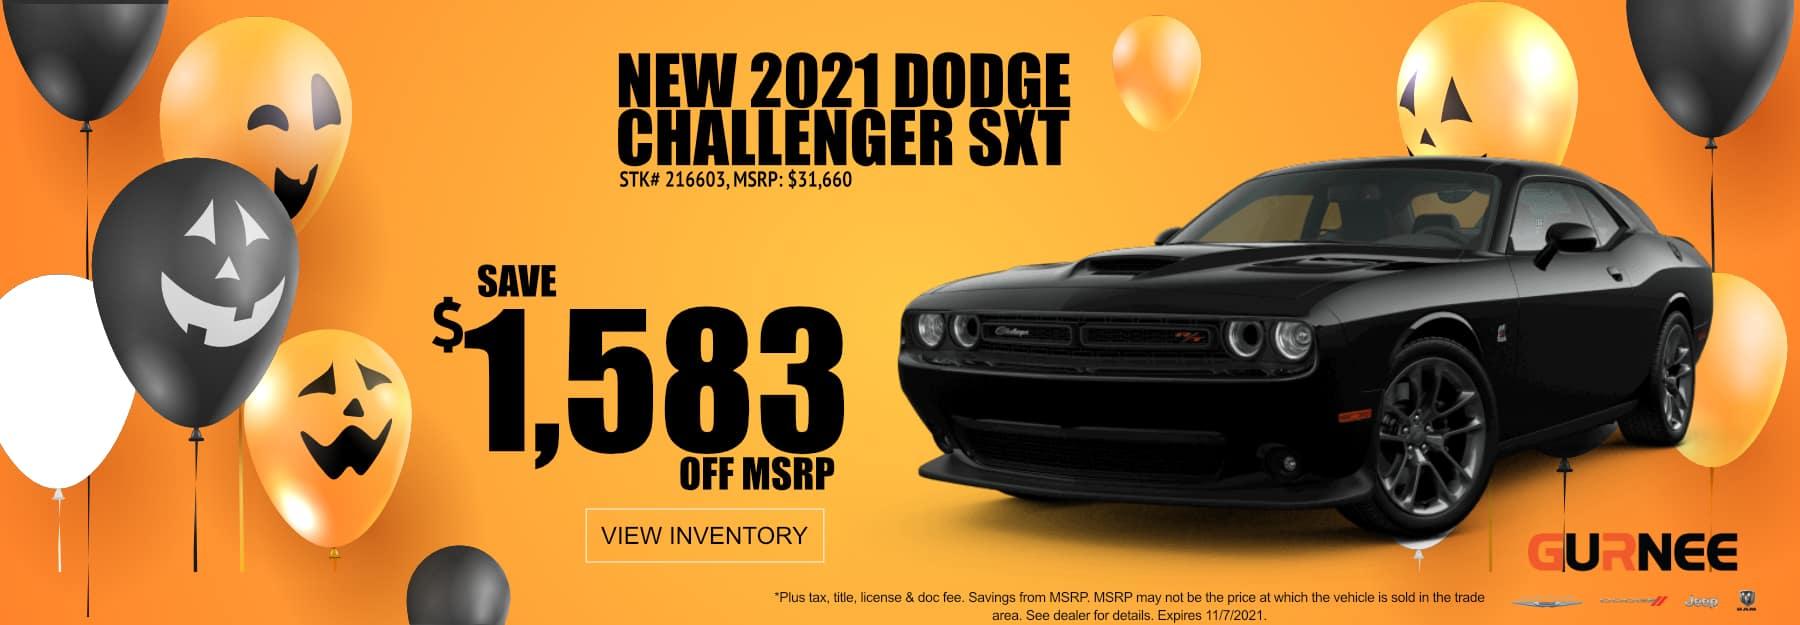 October_2021 Challenger_Gurnee